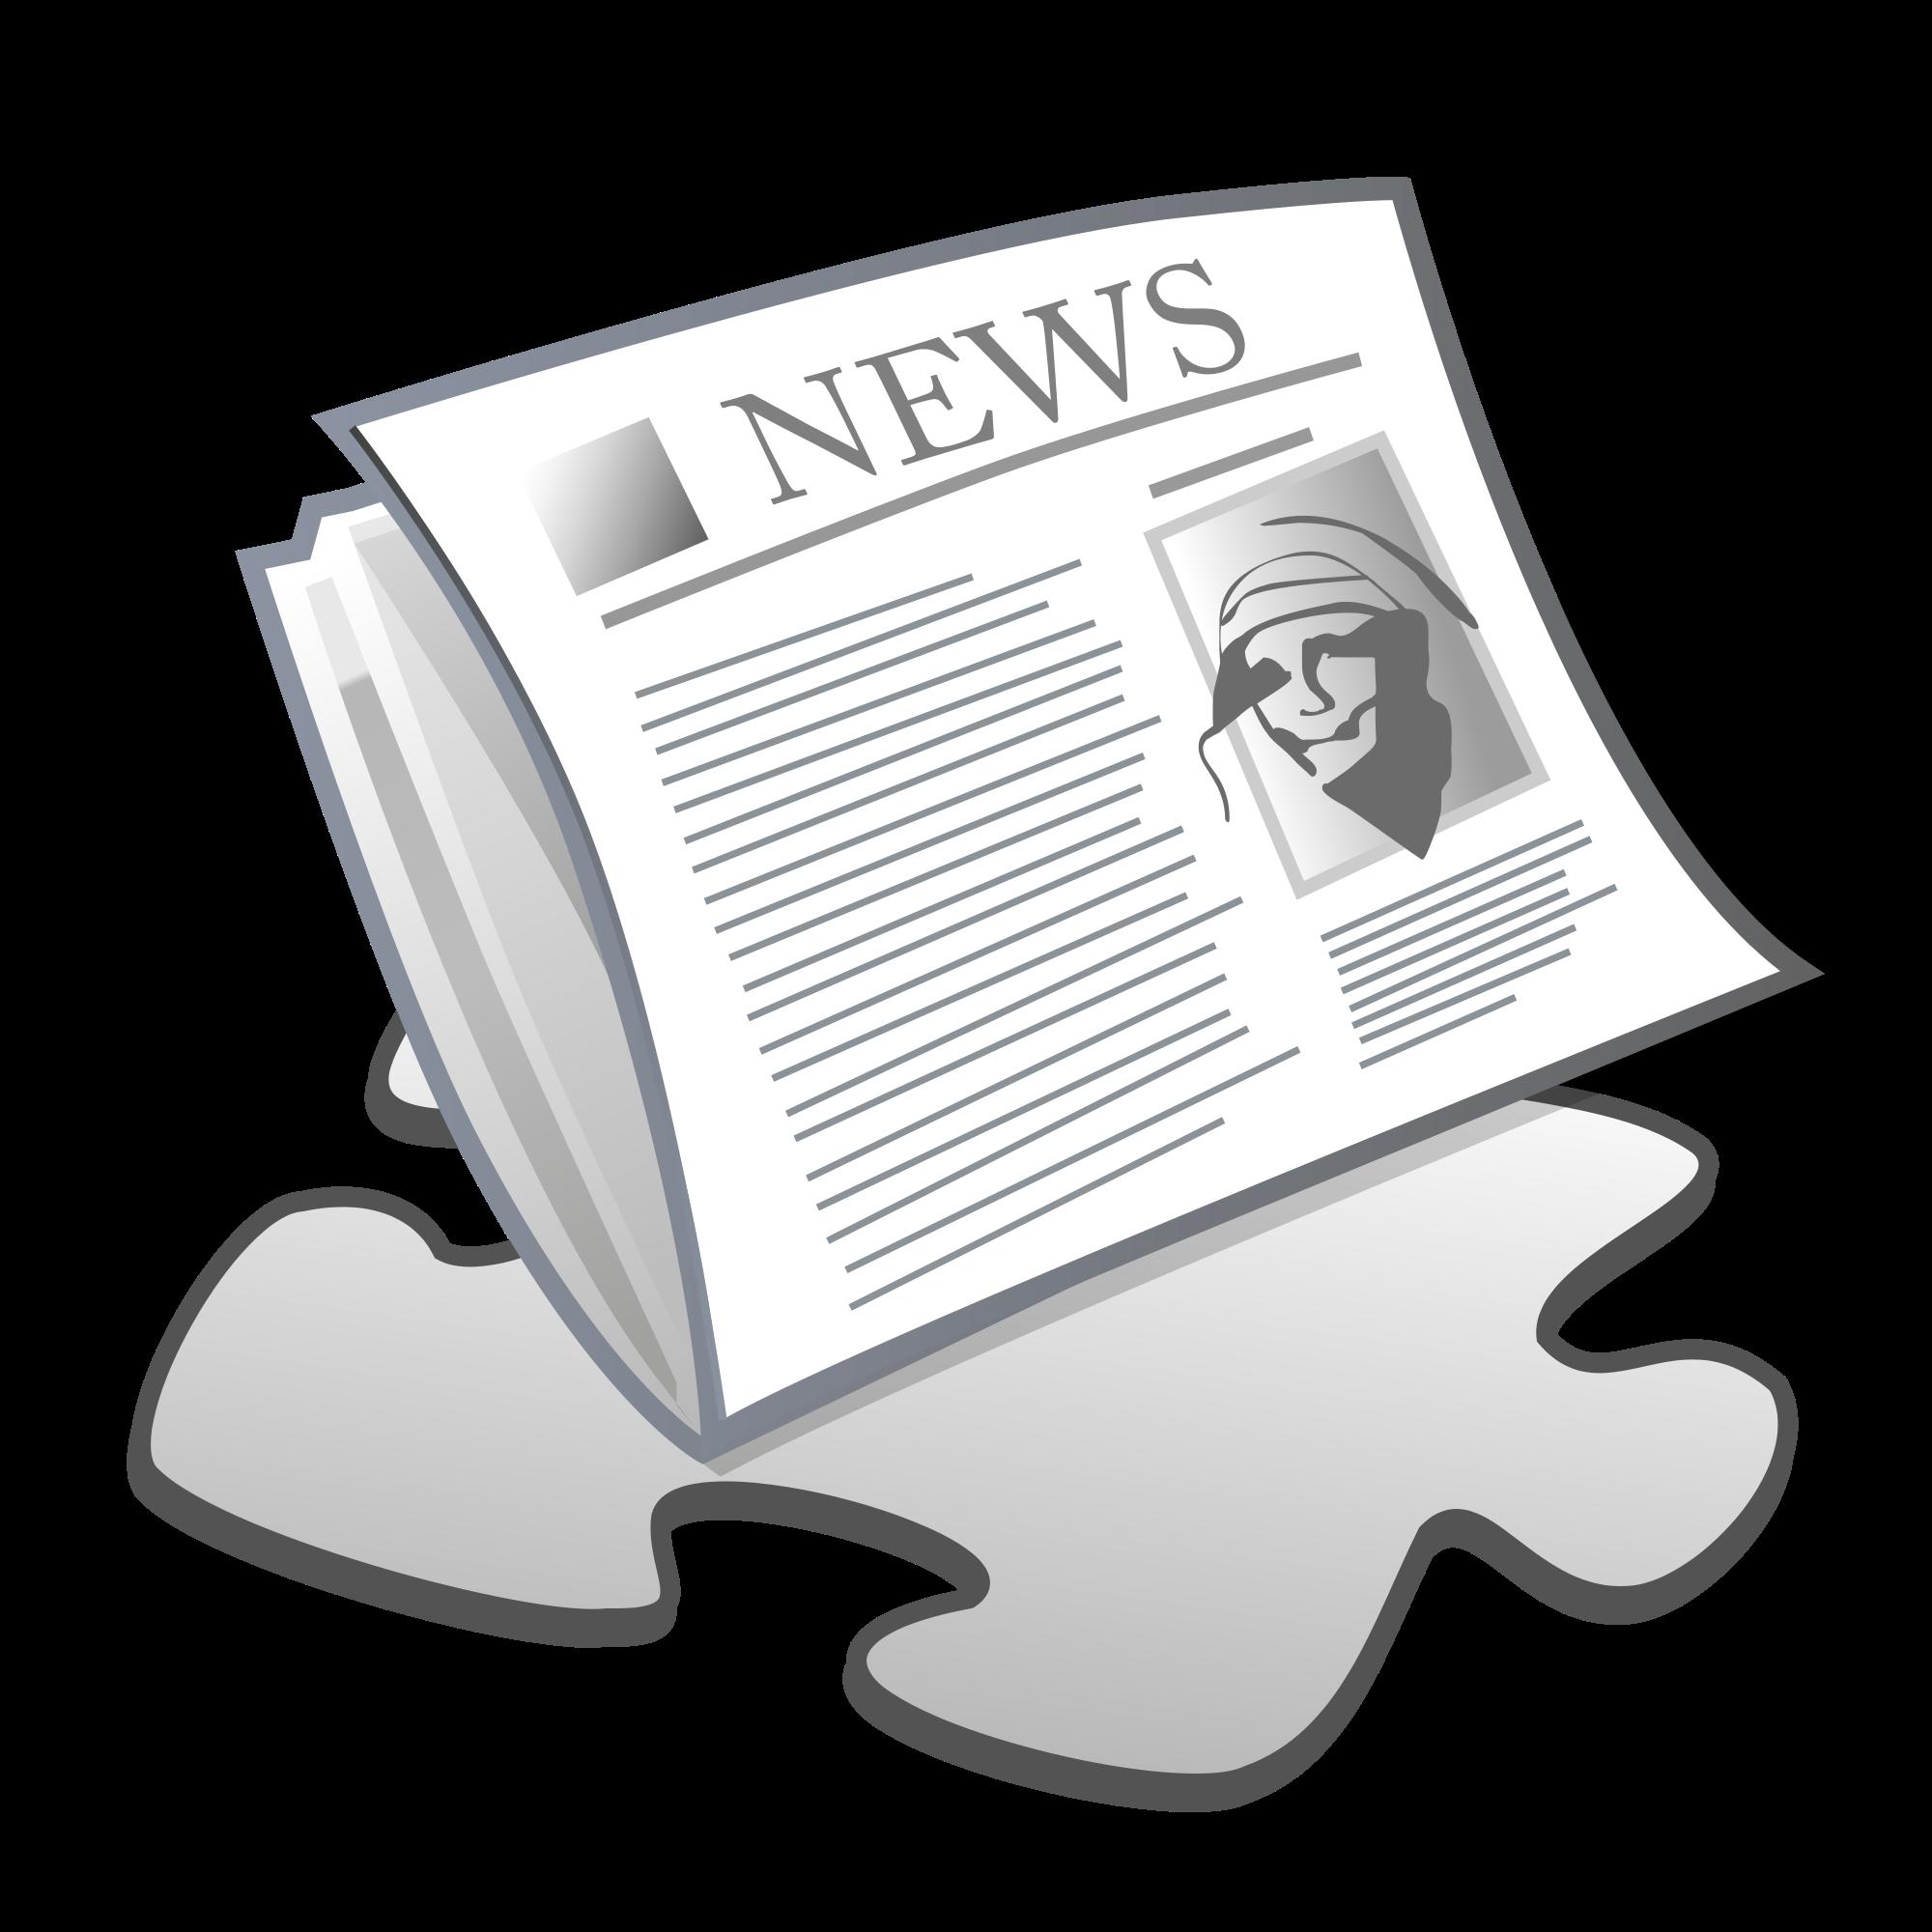 News clipart news paper, News news paper Transparent FREE.